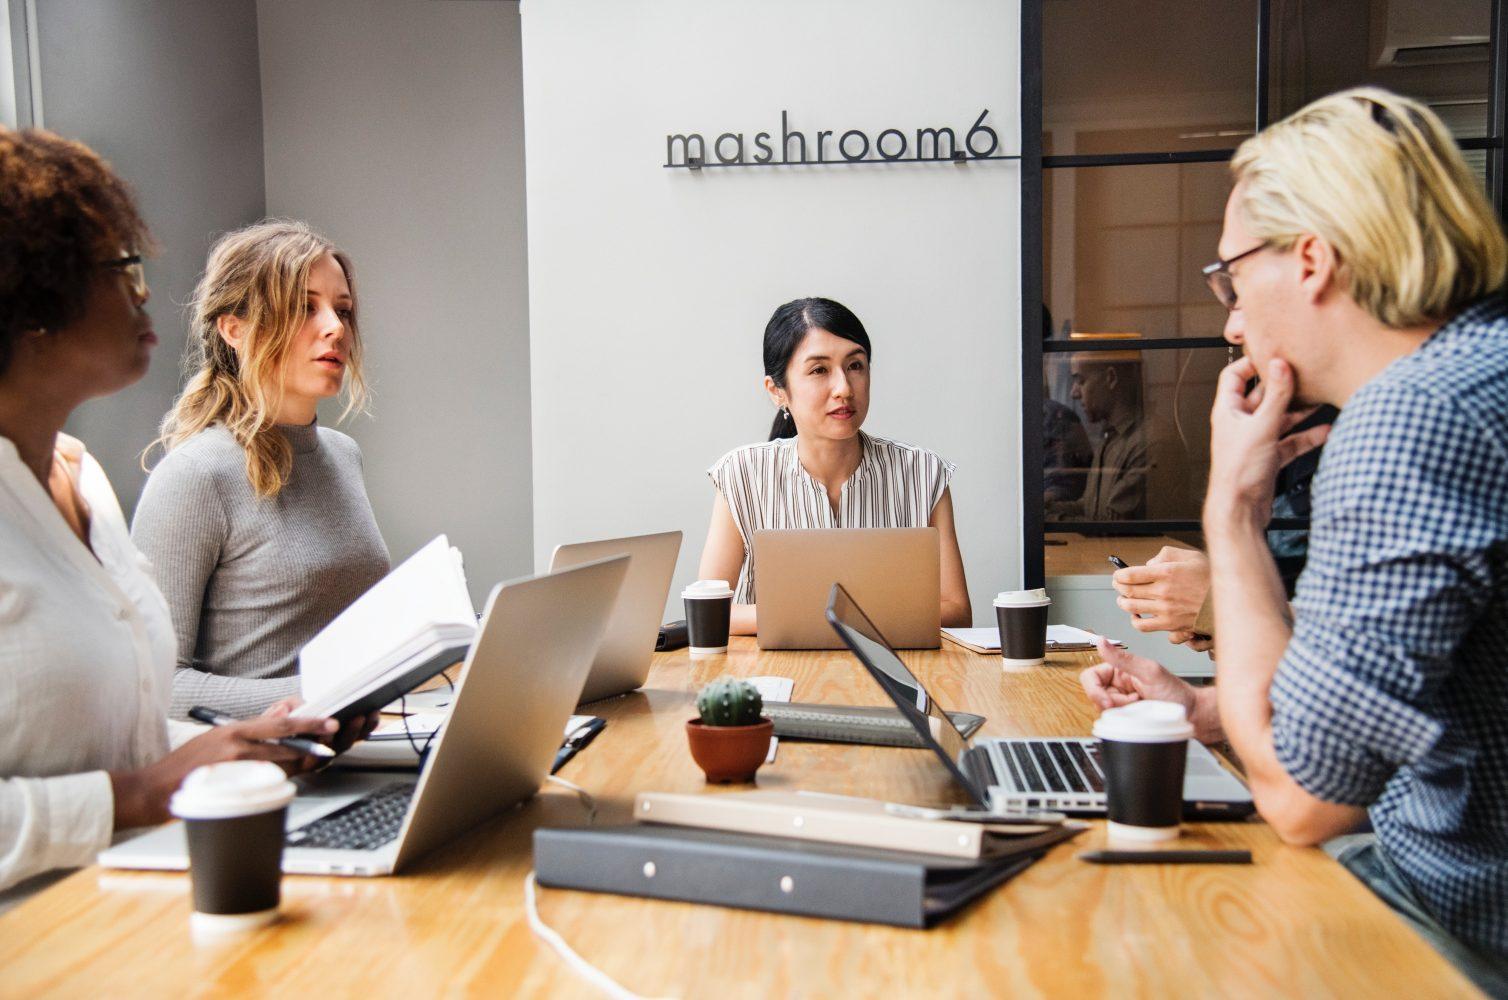 Les enquêtes de satisfaction client : au cœur de la relation client